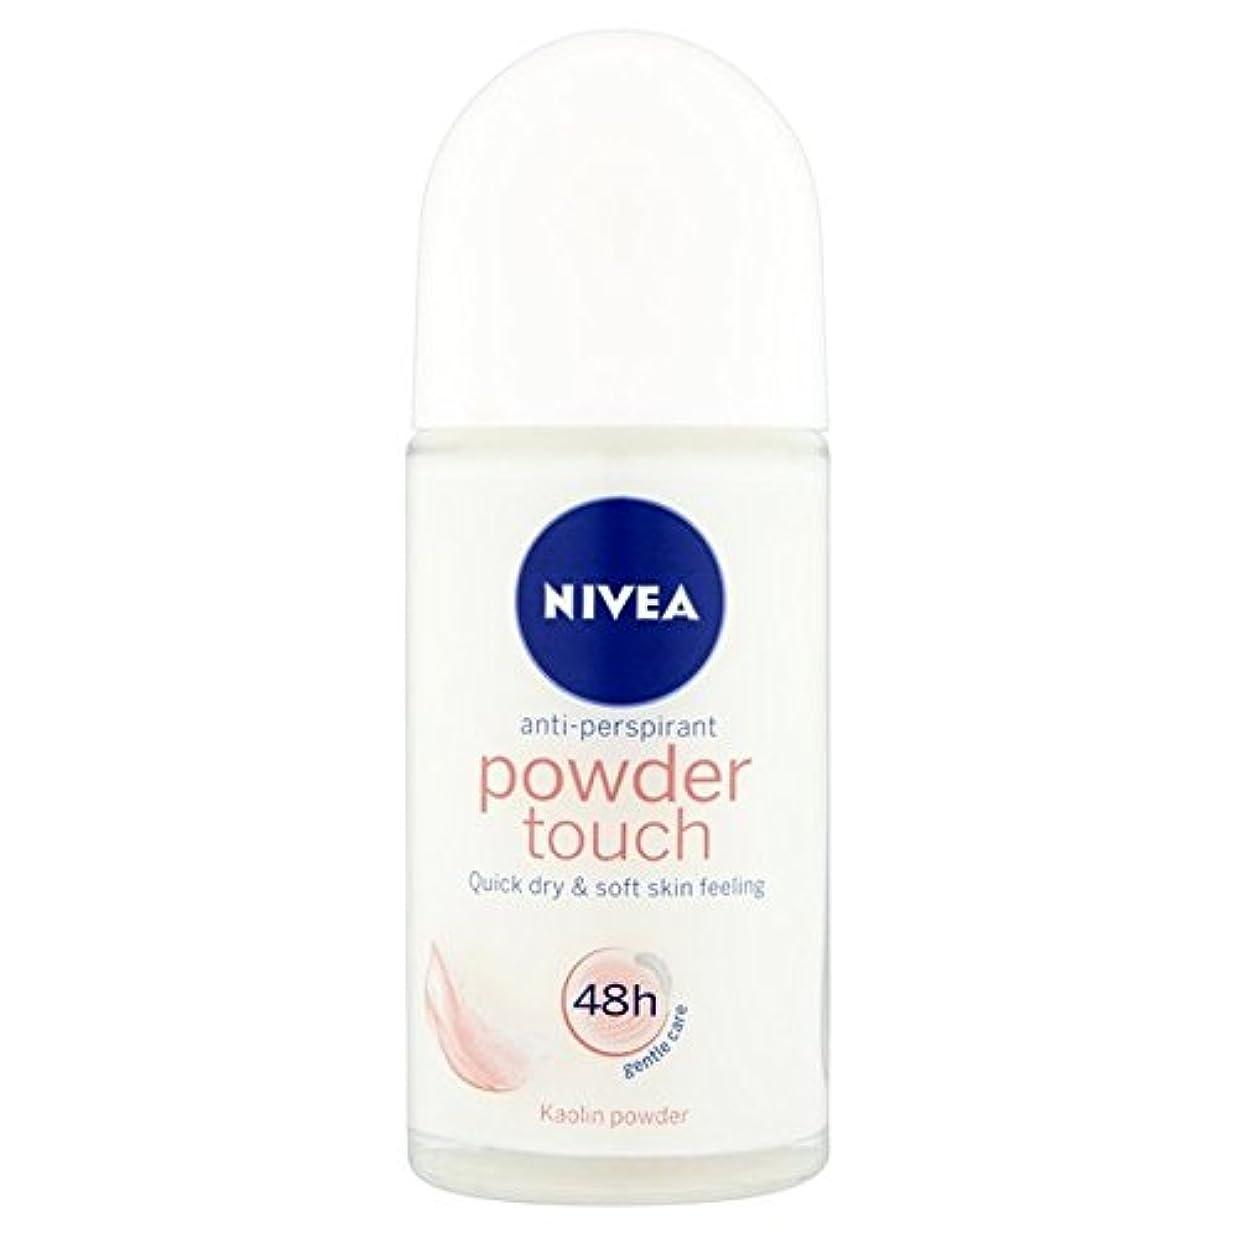 シリアルチャペルまっすぐNivea Powder Touch 48hr Roll On Anti-Perspirant Deodorant 50ml - 制汗デオドラント50ミリリットルのニベアパウダータッチ48時間ロール [並行輸入品]